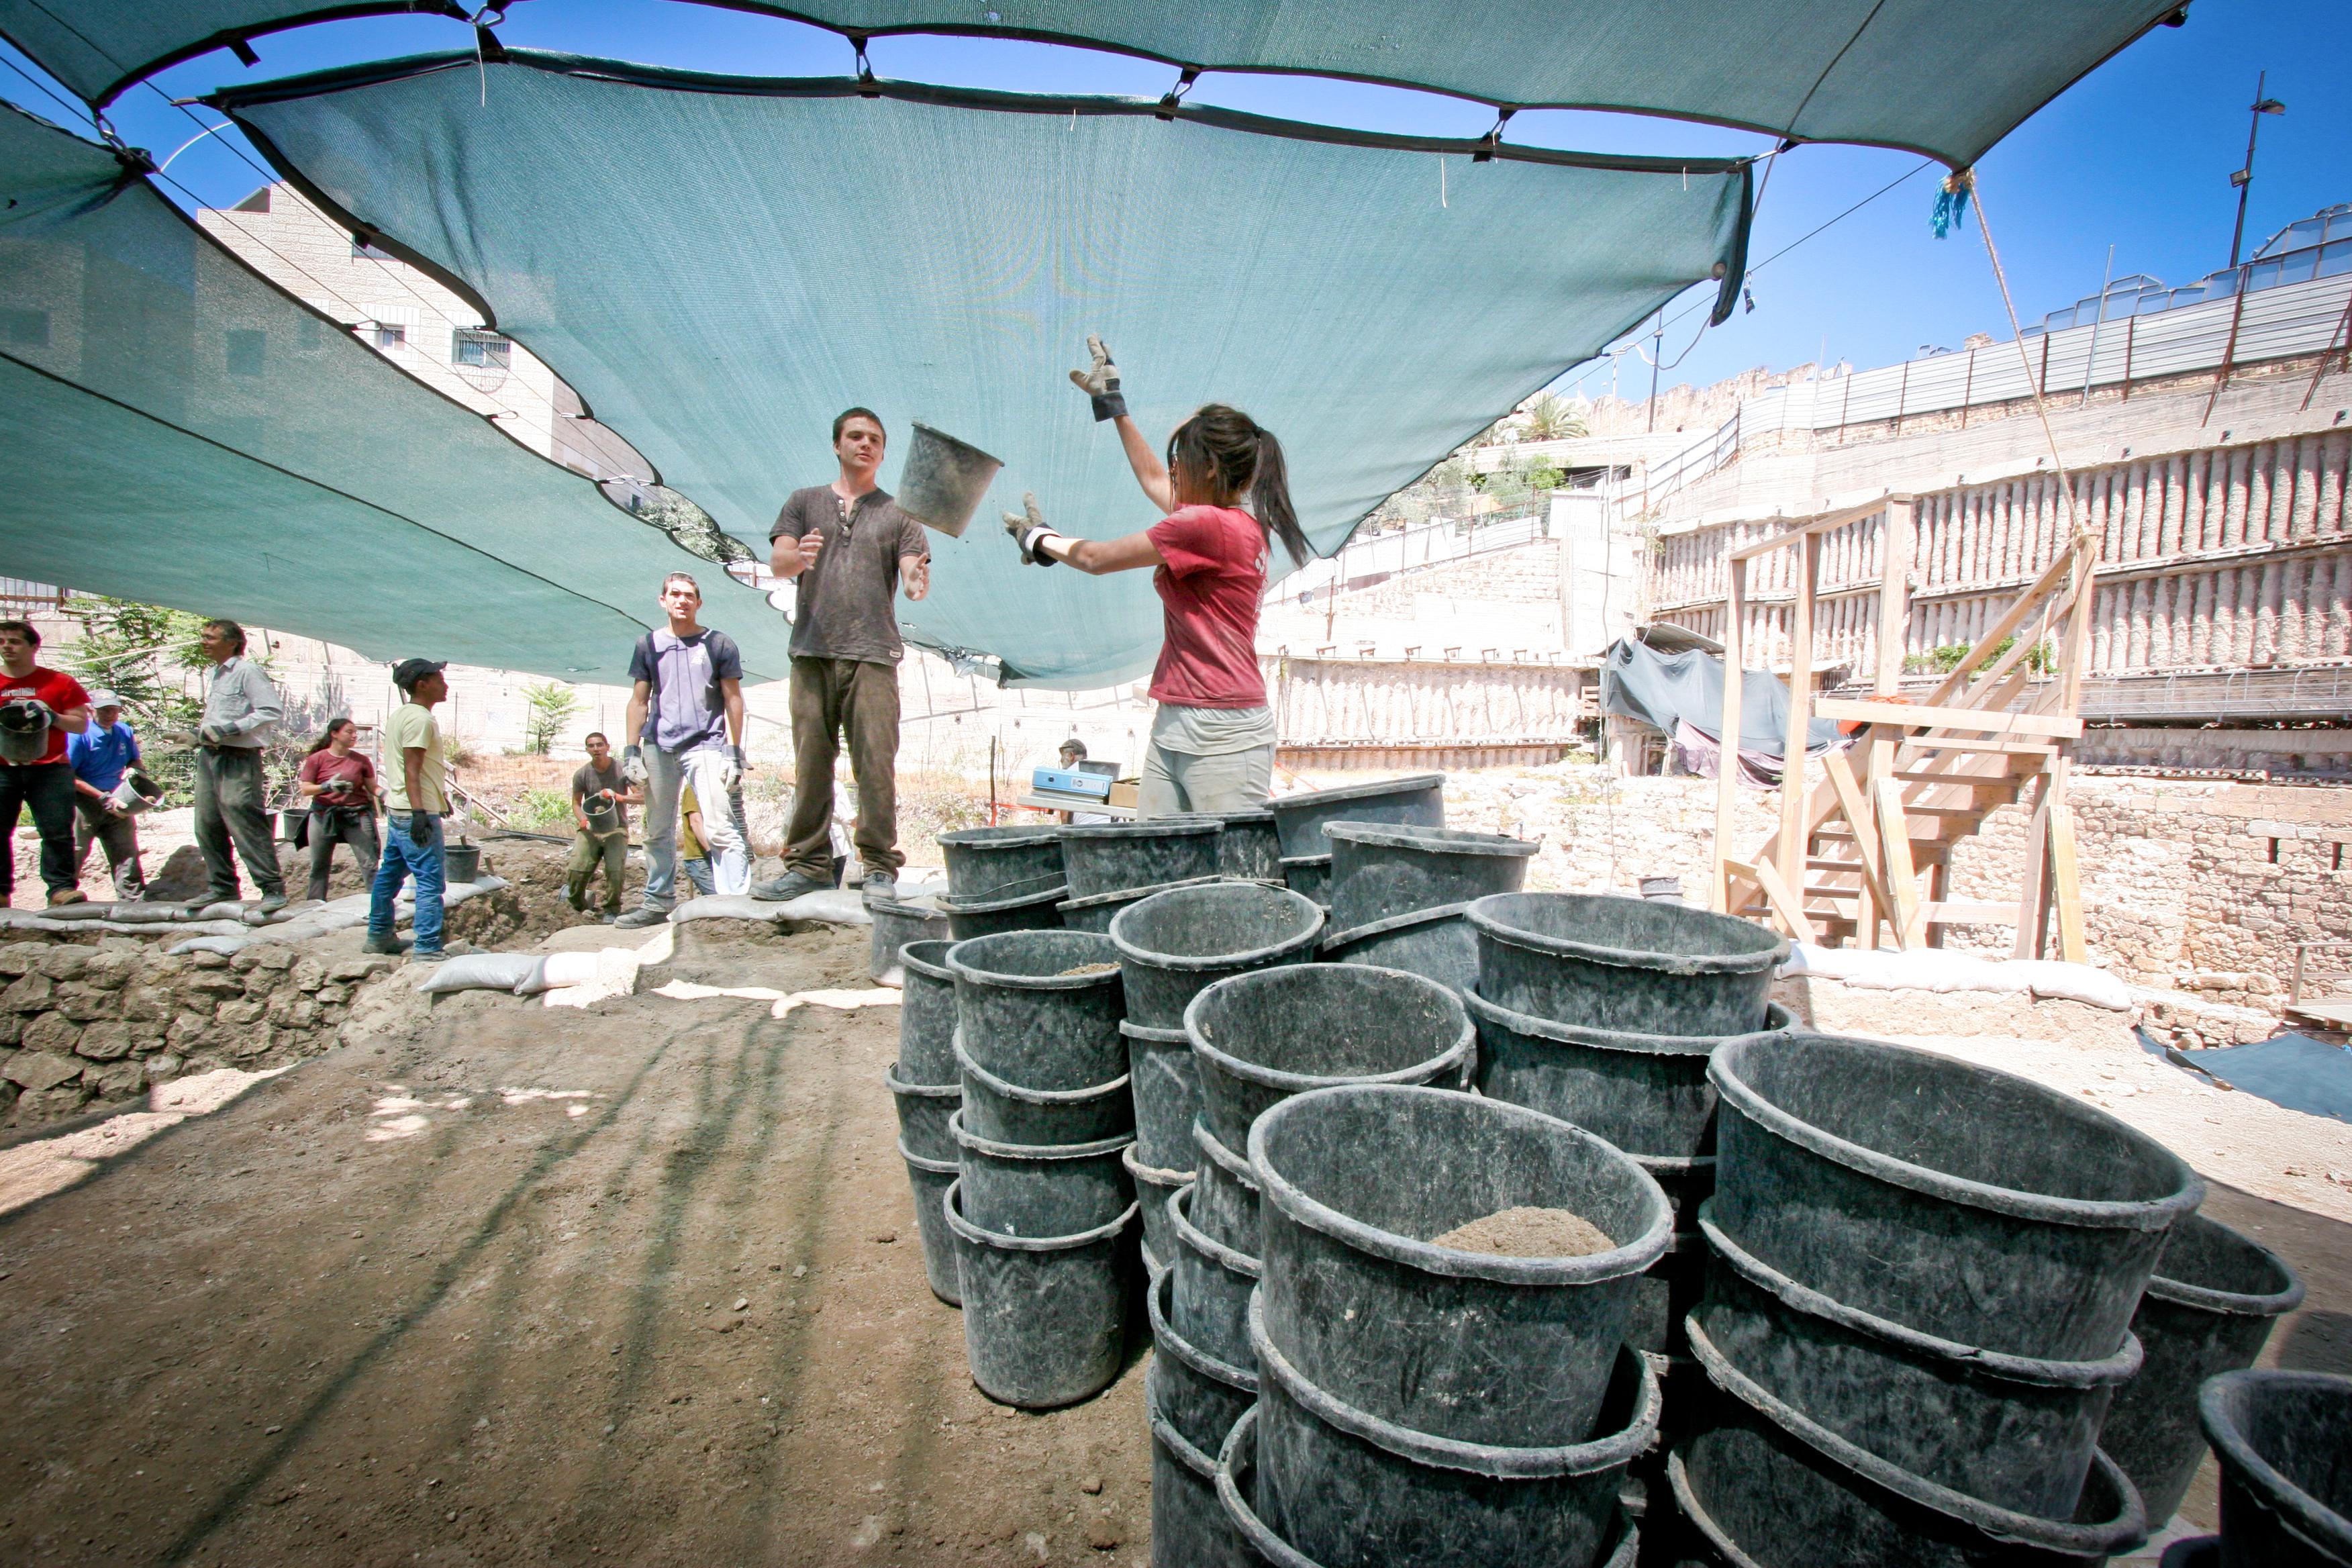 חפירות חניון גבעתי בעיר דוד, צילום: יונית שילר